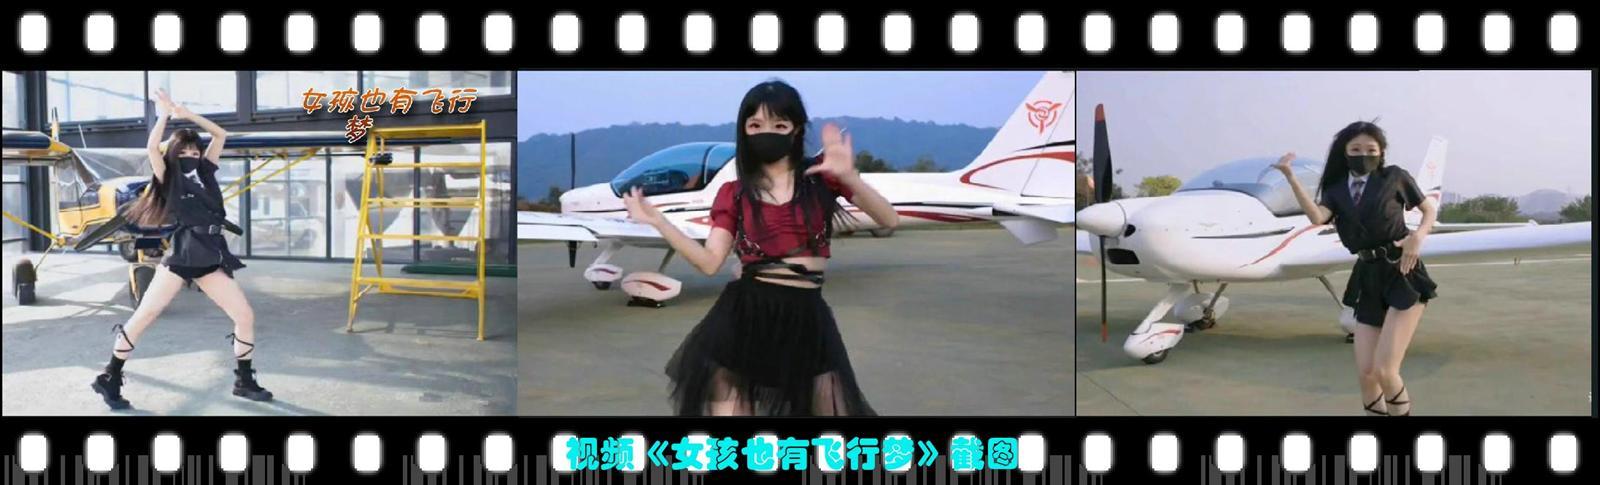 女孩也有飞行梦 -视频截图